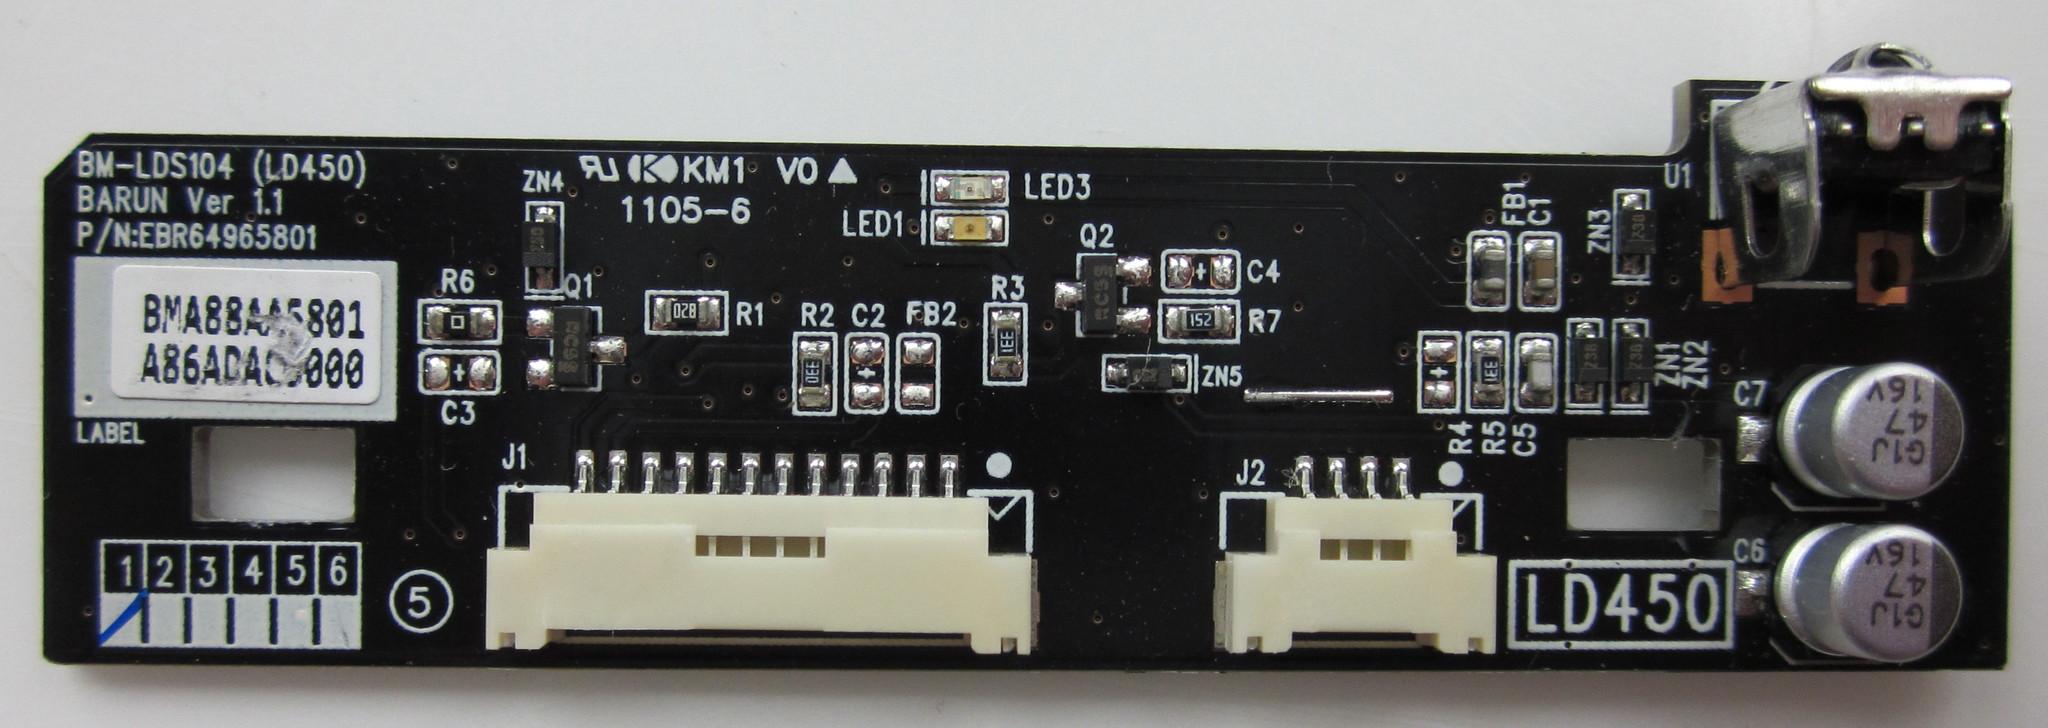 BM-LDS104 (LD450)